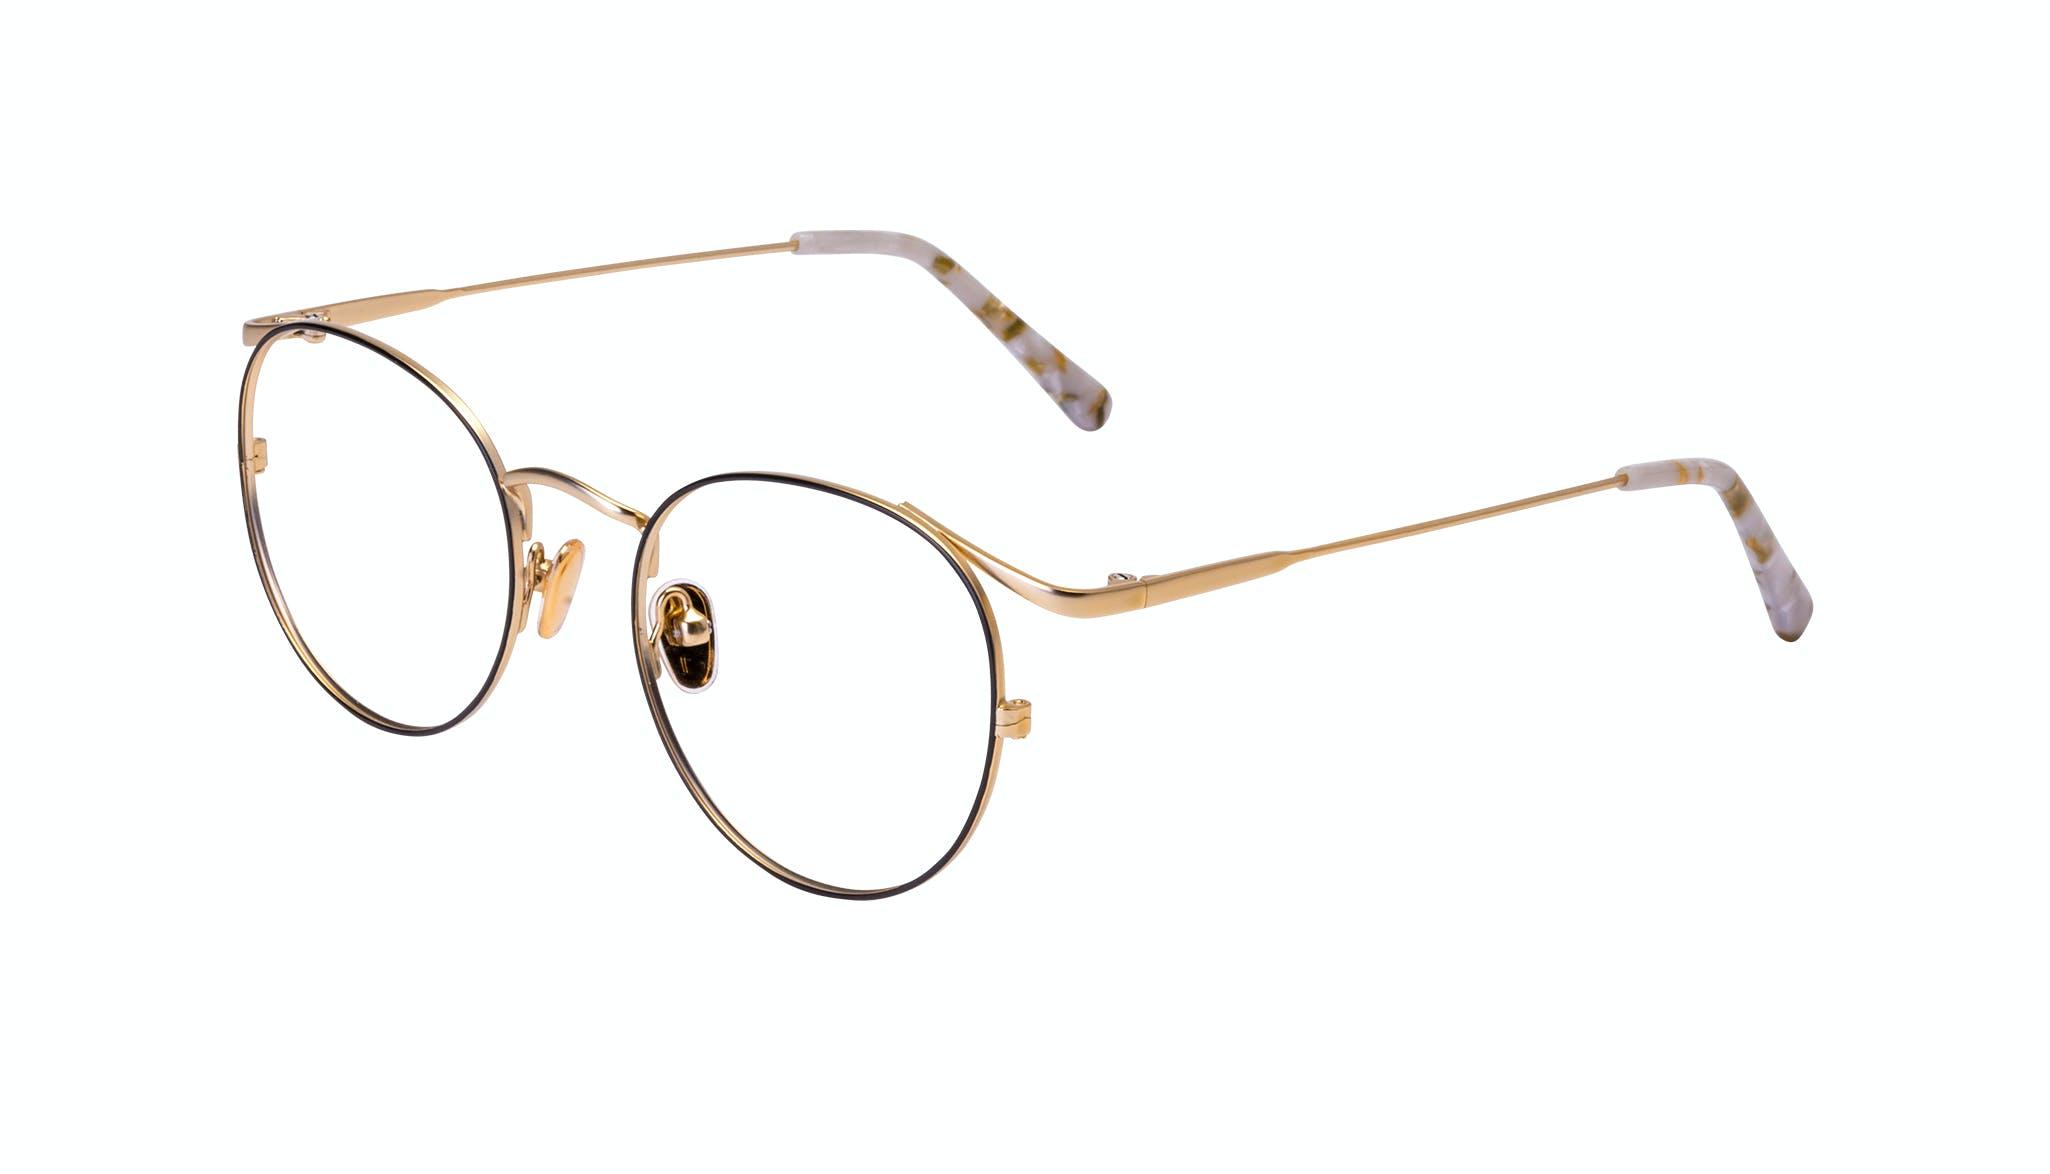 Affordable Fashion Glasses Round Eyeglasses Women Curve Deep Gold Tilt